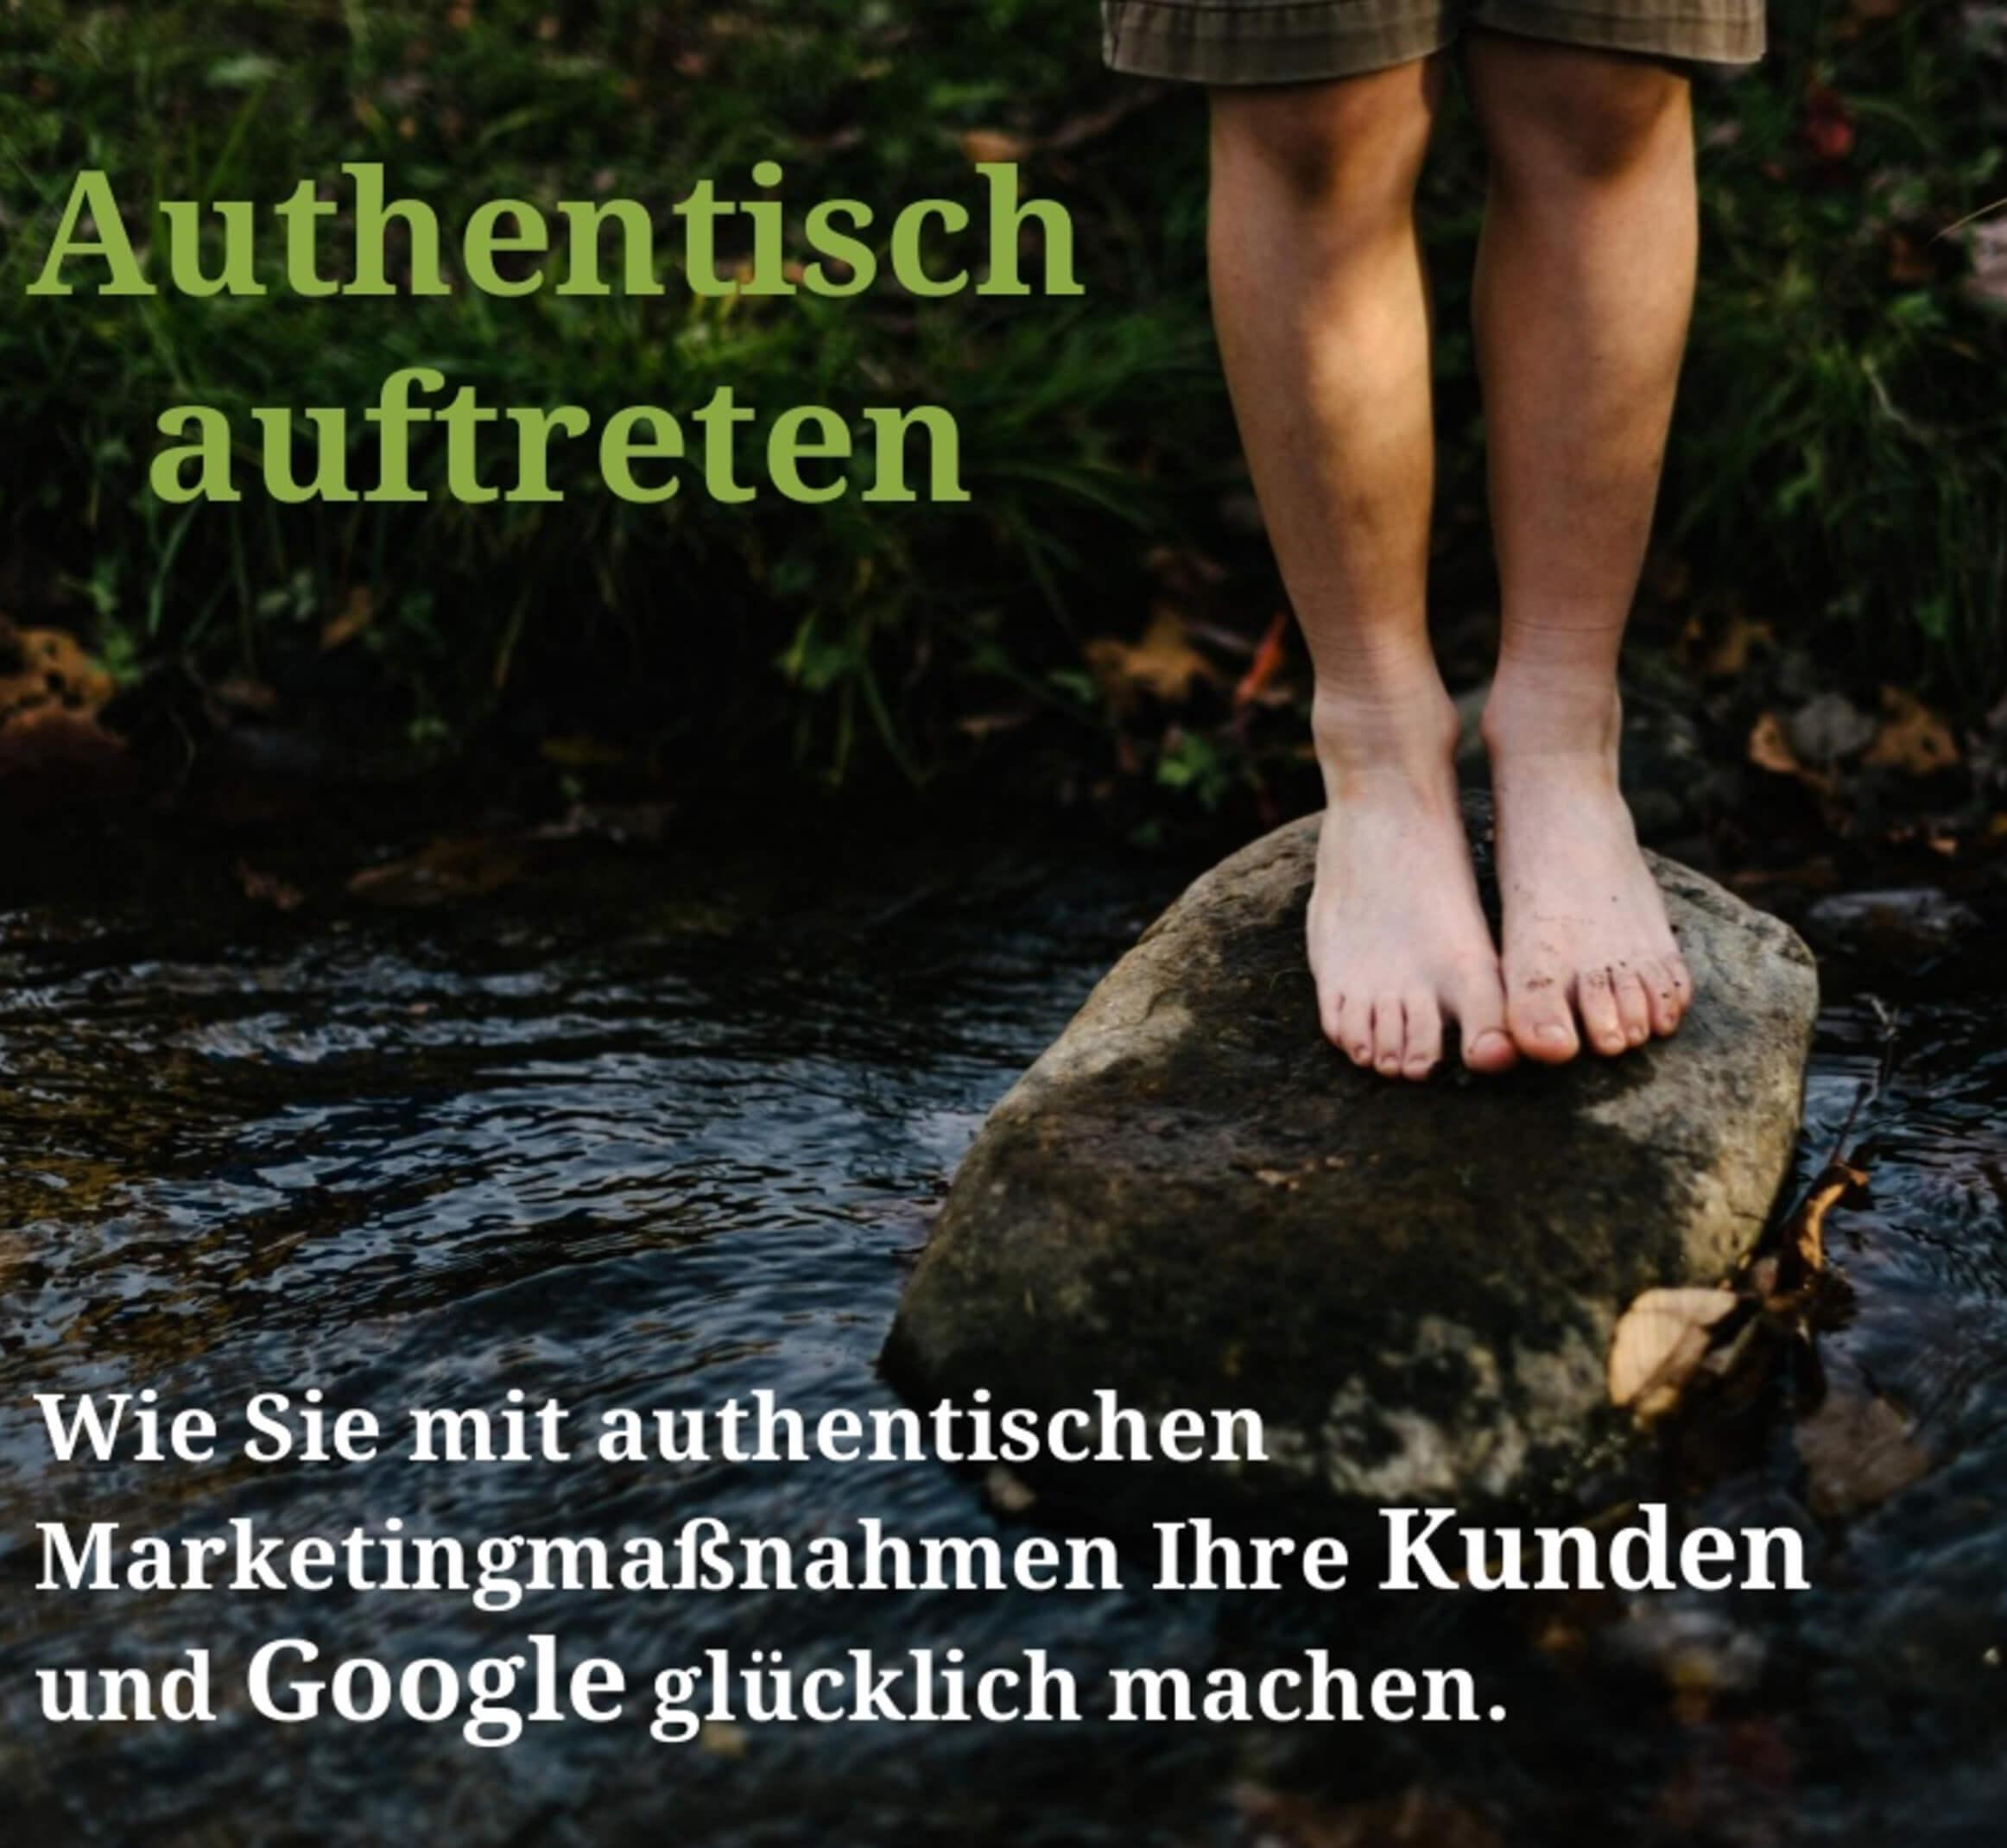 Mit authentischen Marketingmaßnahmen Kunden und Google glücklich machen